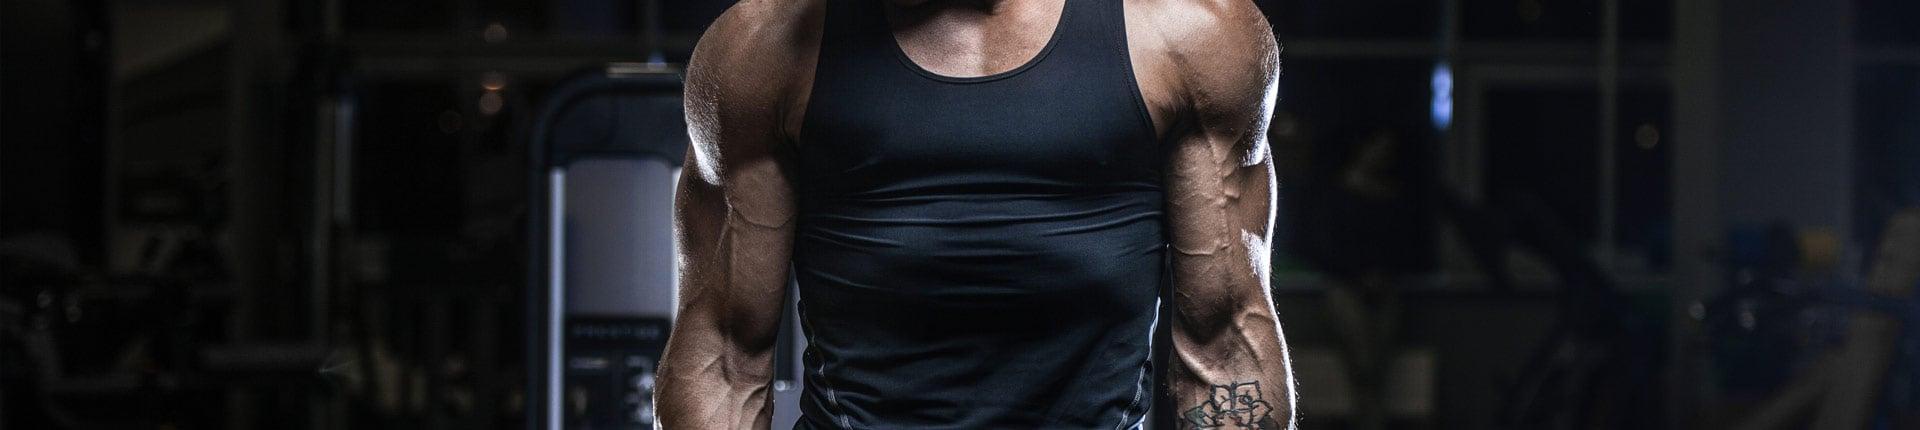 Które ćwiczenia na biceps wybrać?